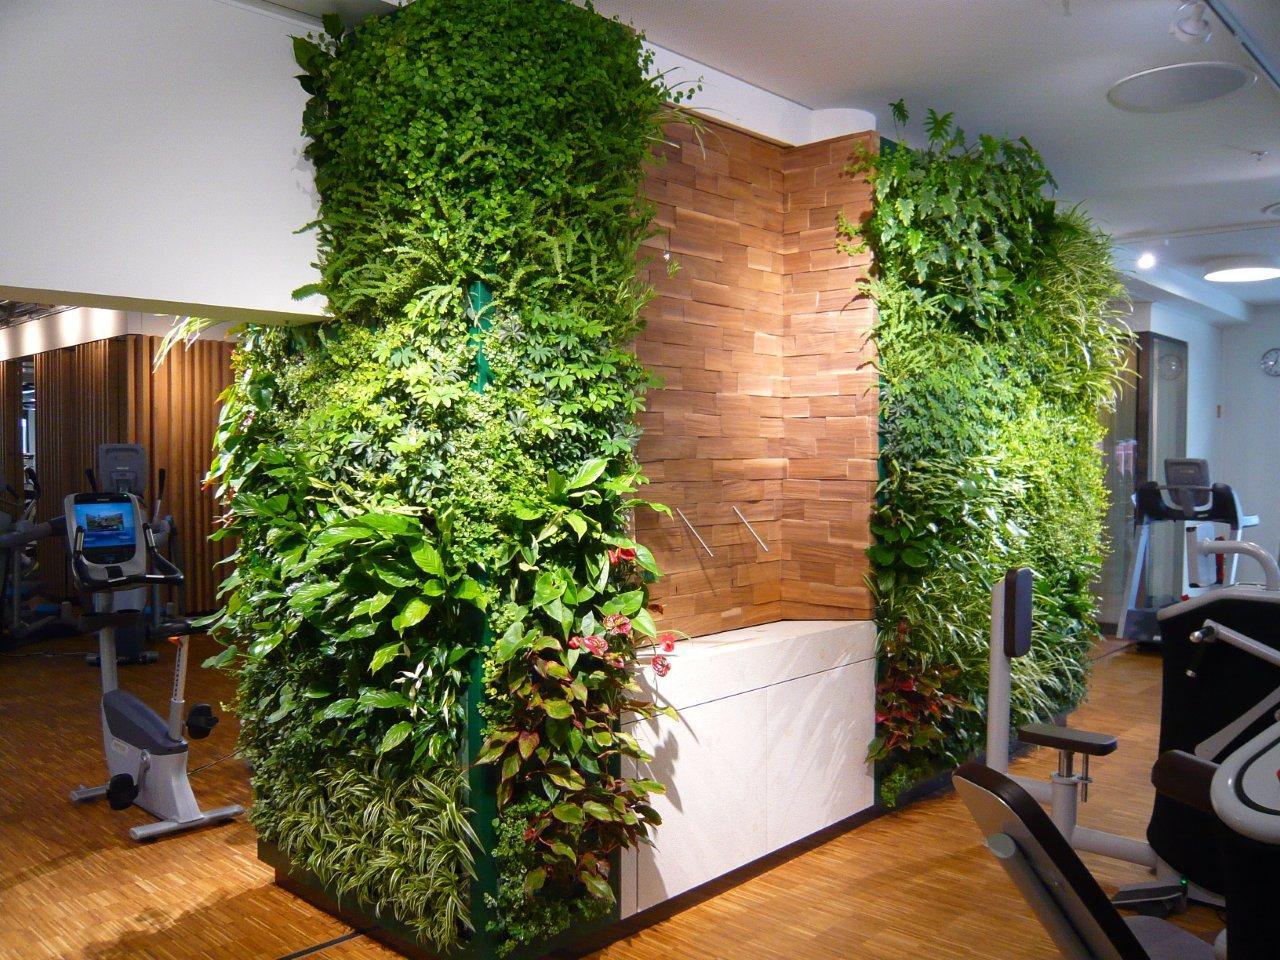 Modern health club interior design - Plant Wall